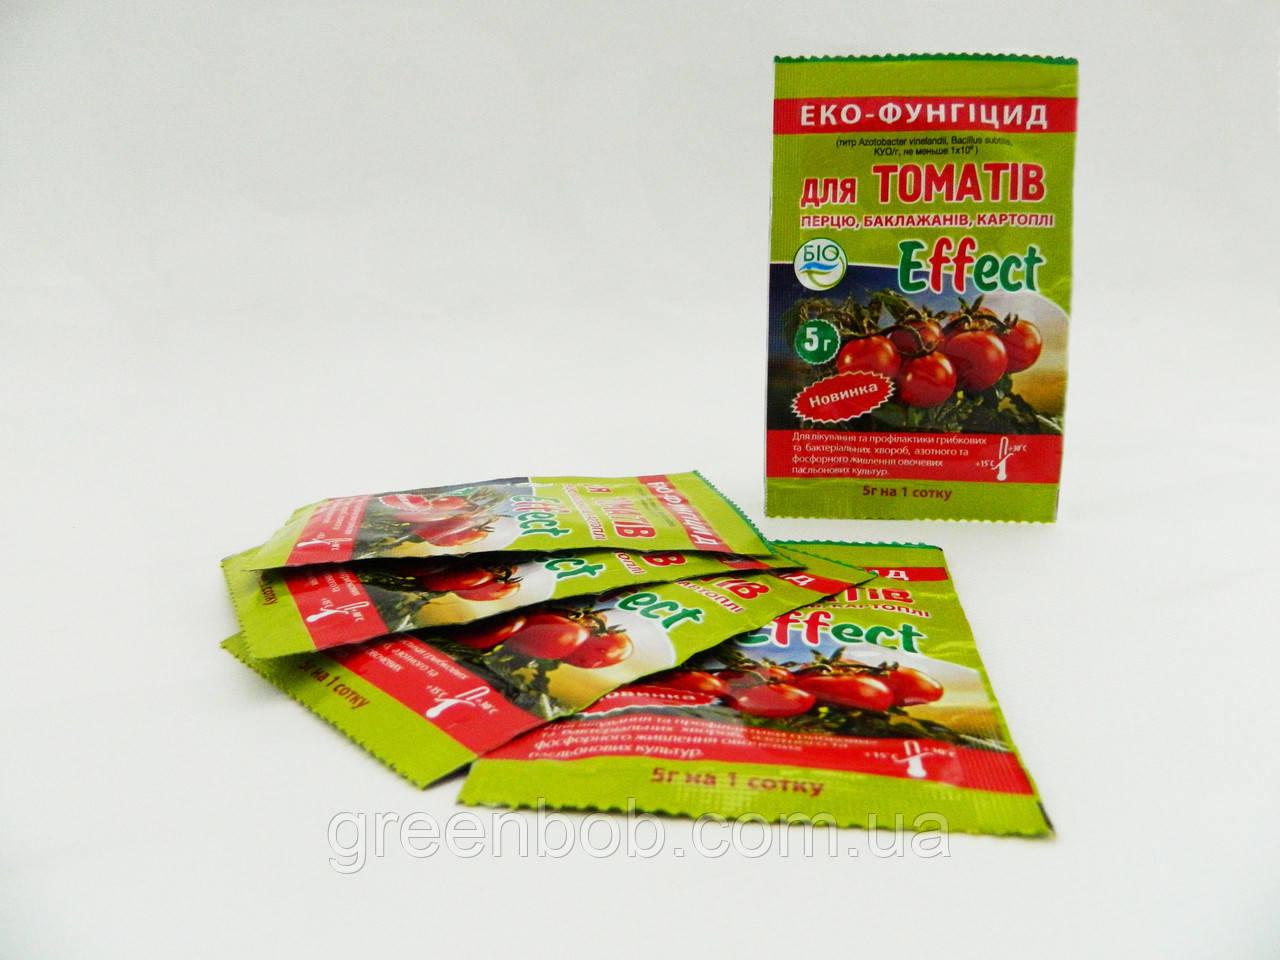 Биофунгицид EFFECT  для томатов 5 г